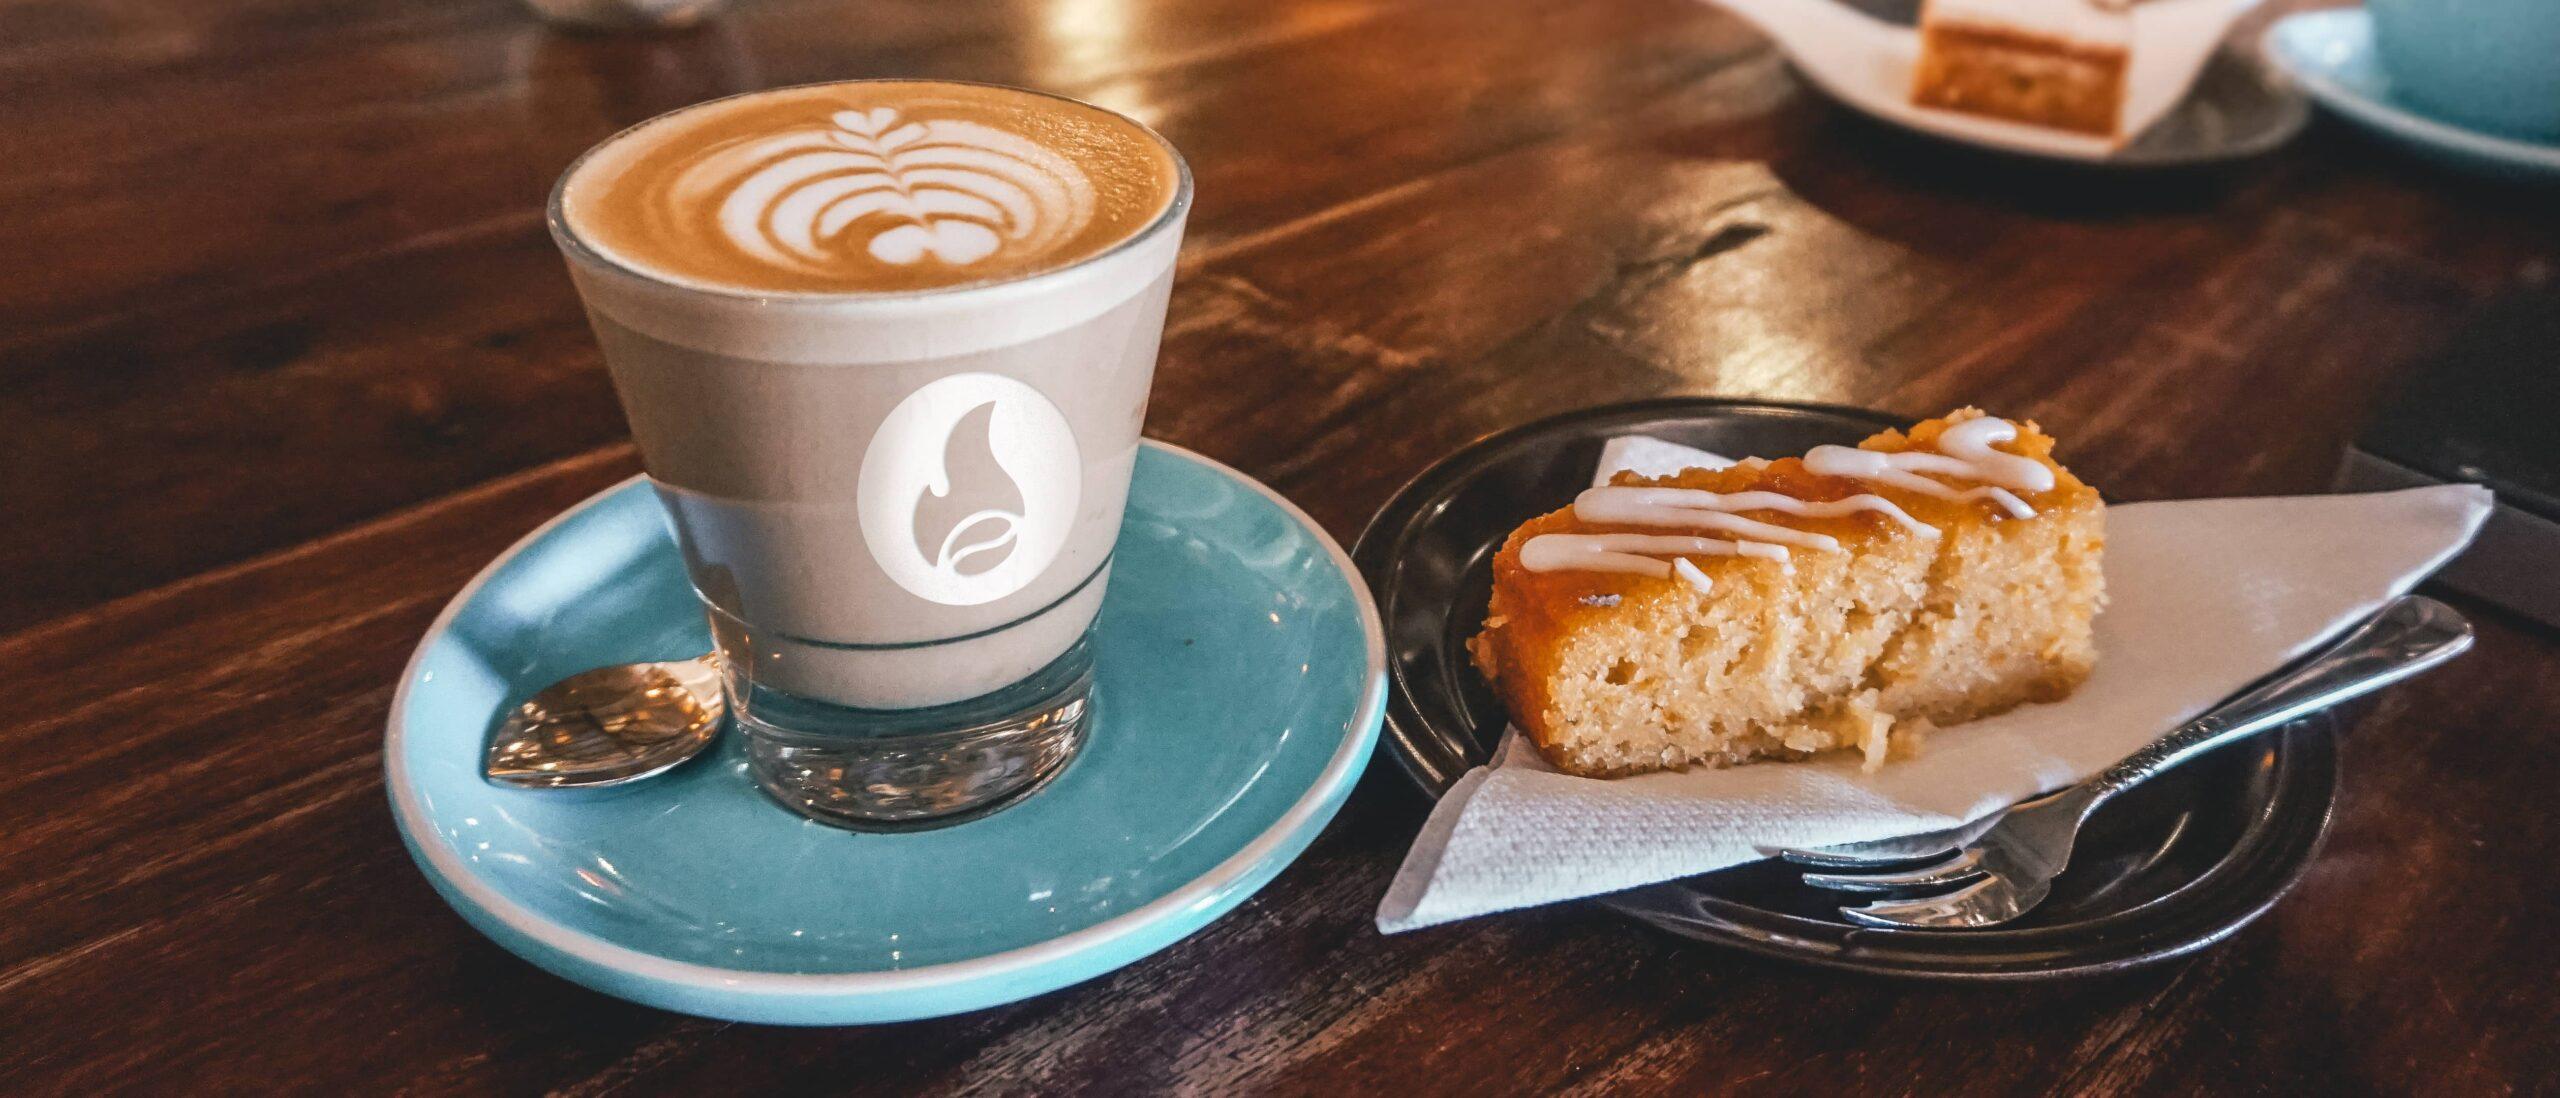 v2-cafe-lifestyle-BANNER-1